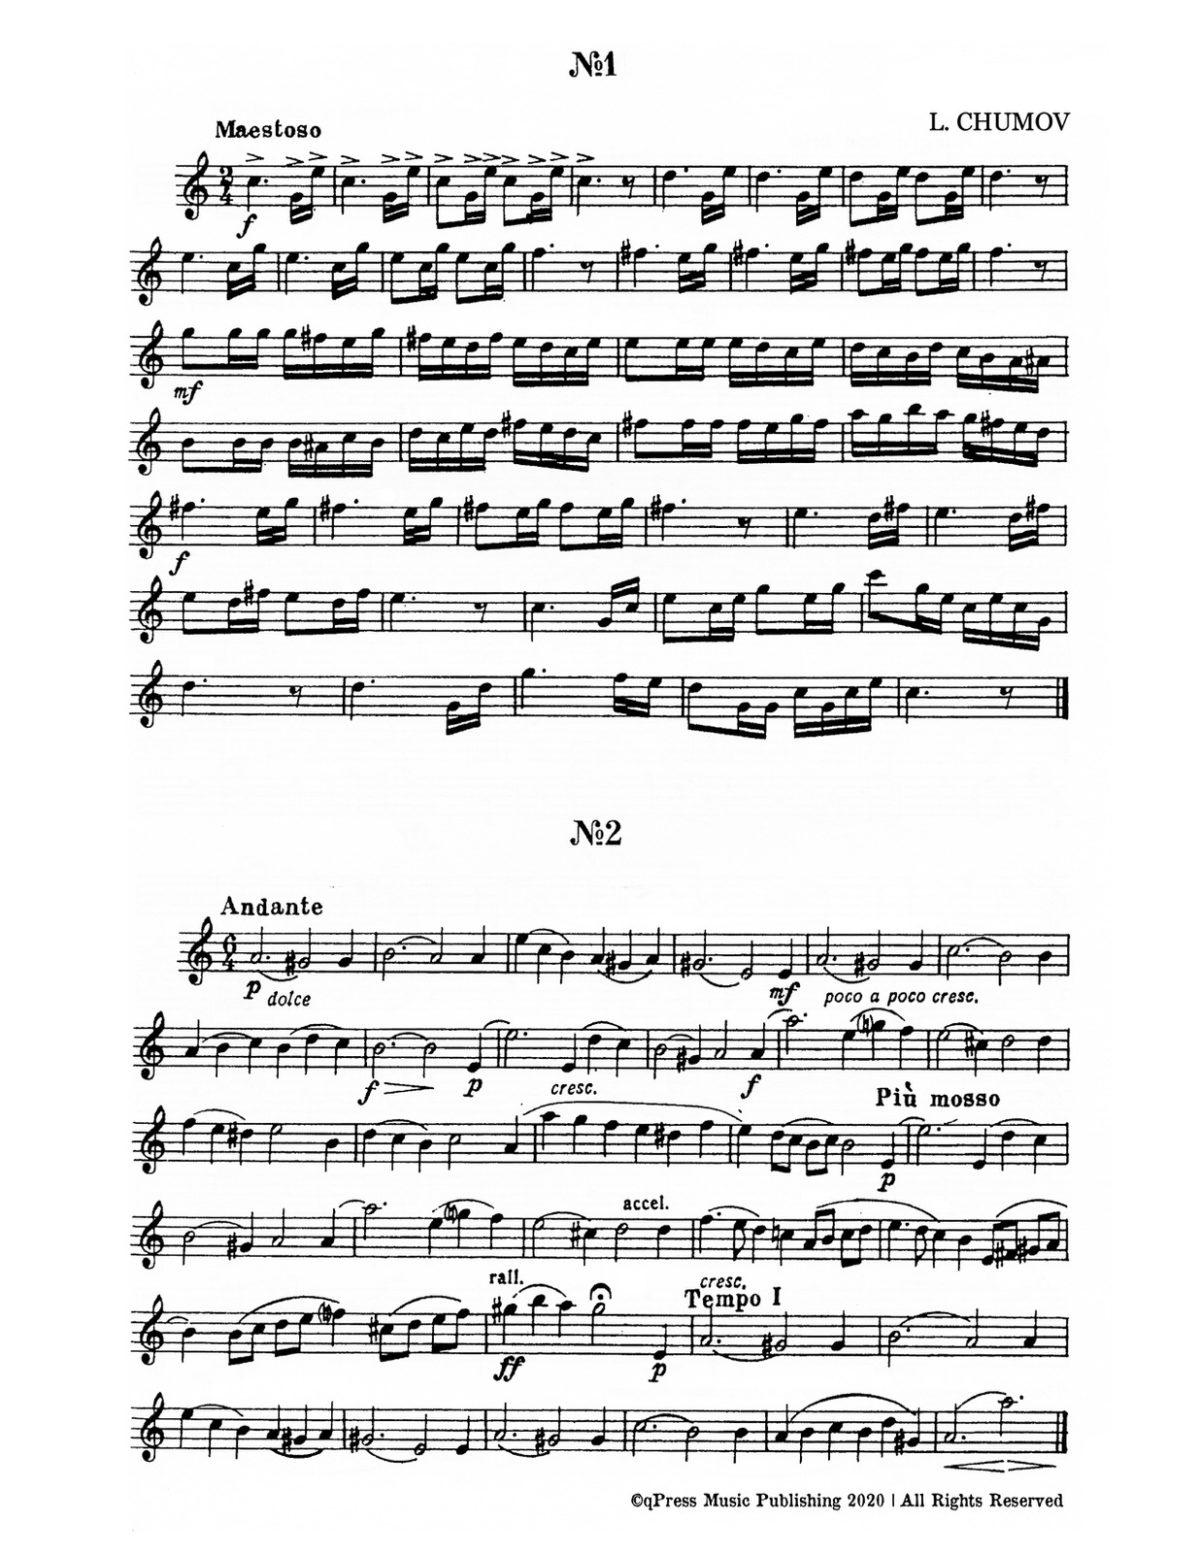 Chumov, L, 30 Etudes-p03